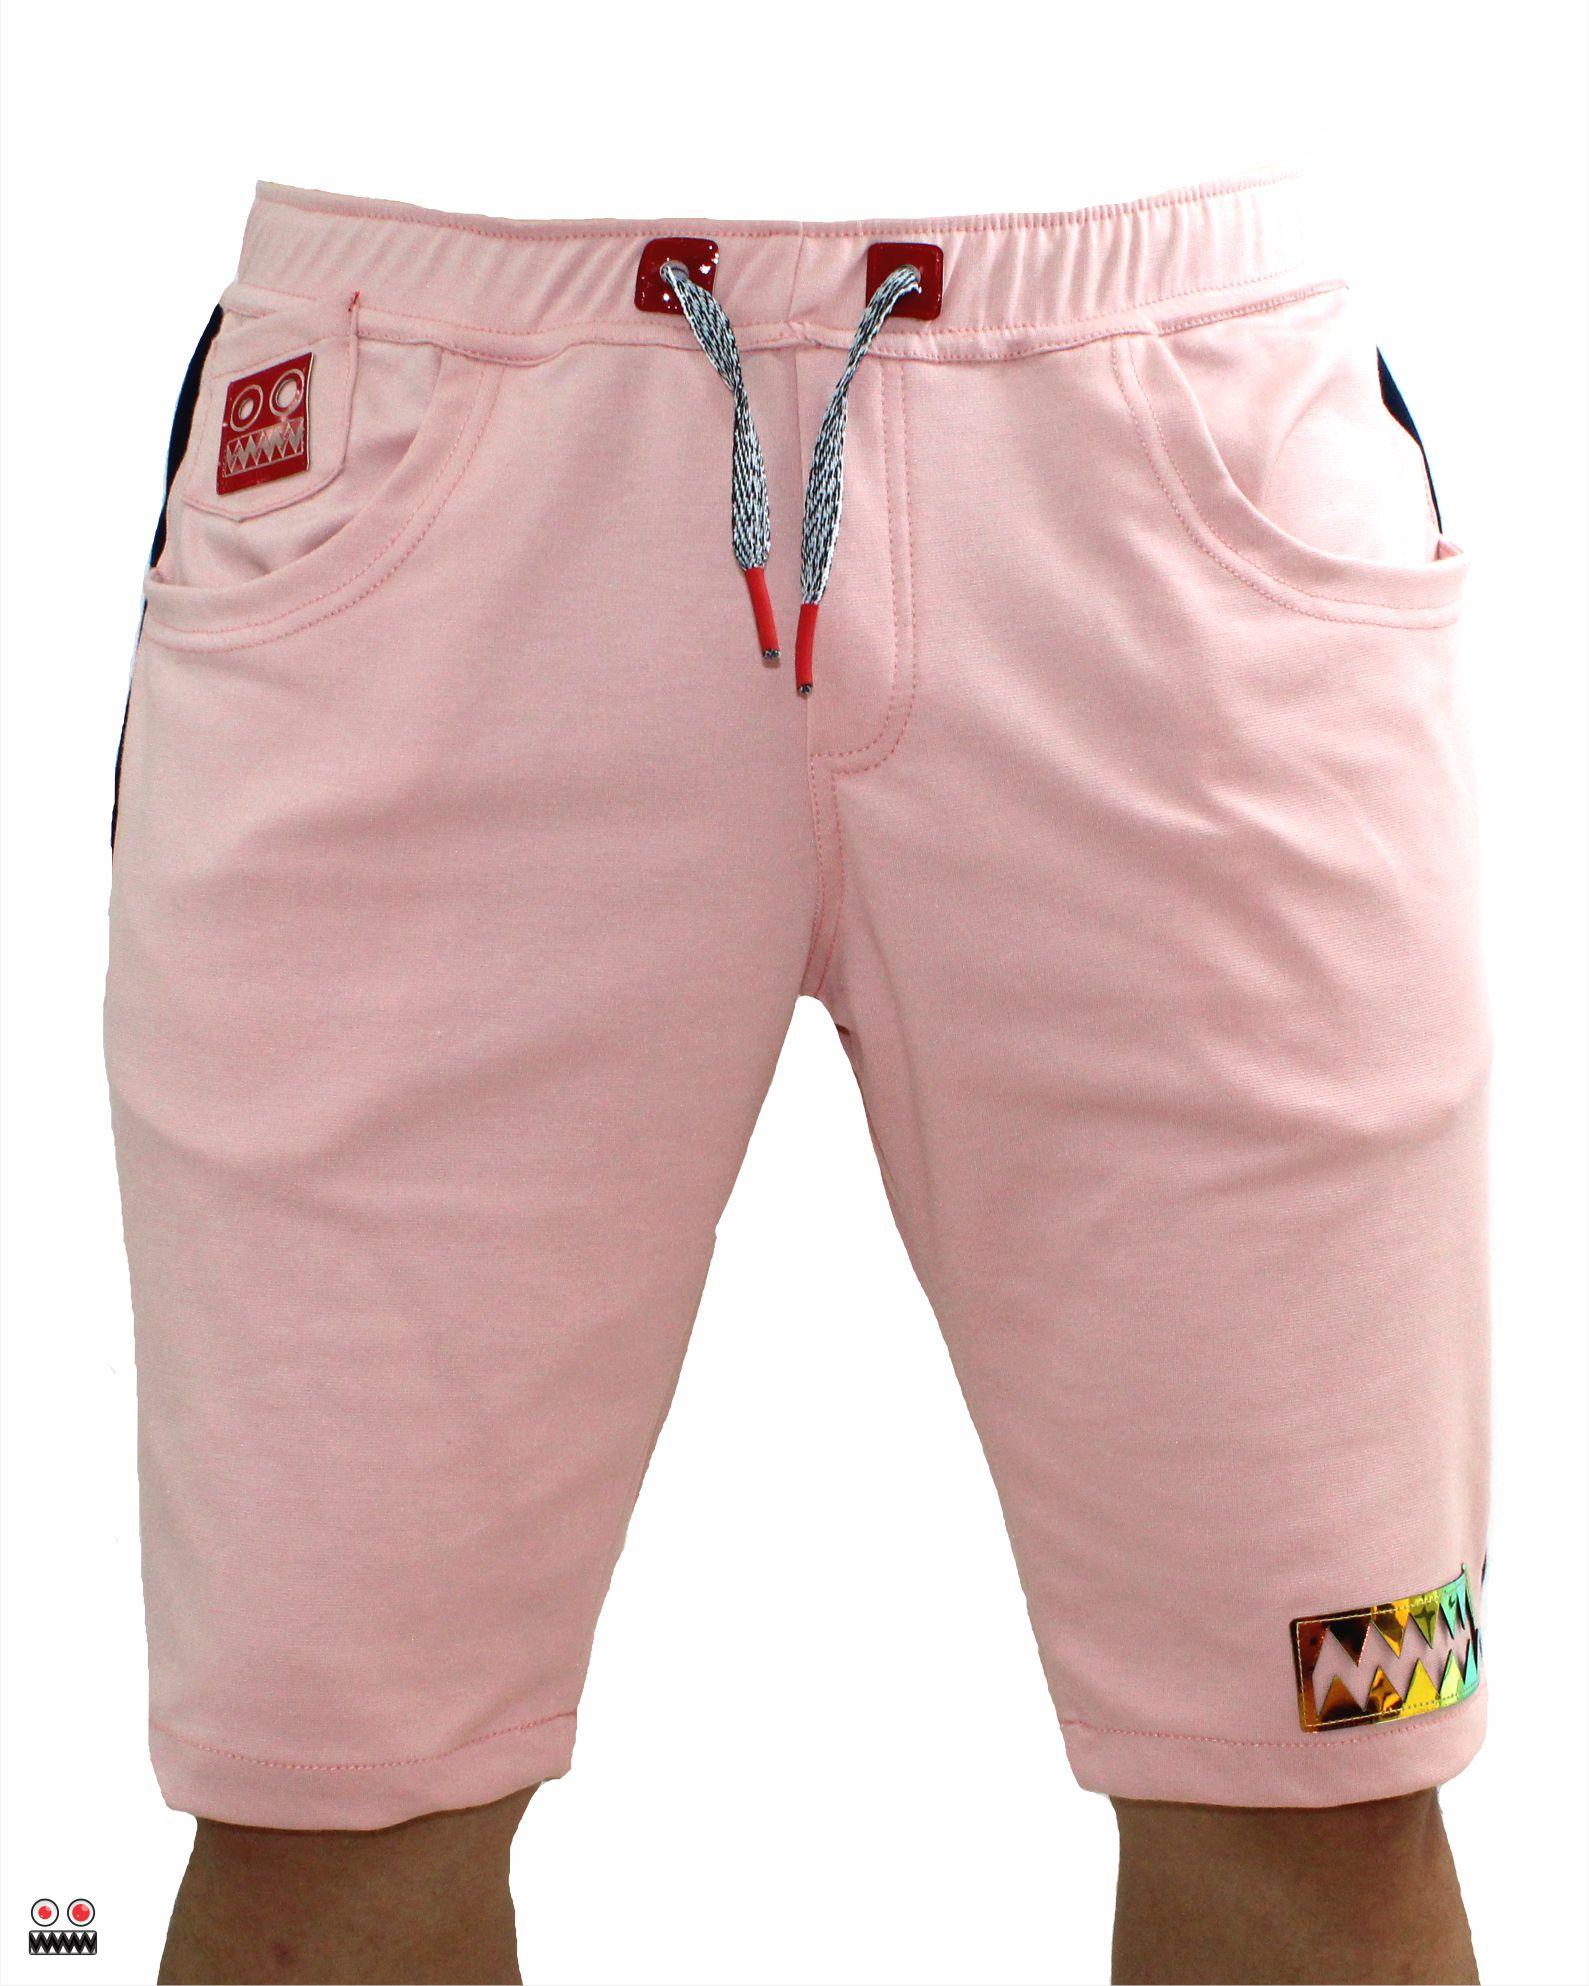 ref 1696 bermuda jogger rosado golden, tela burda jogger en 98% algodon + 2% expande tallas 28 30 32 34 36 38 $55.000